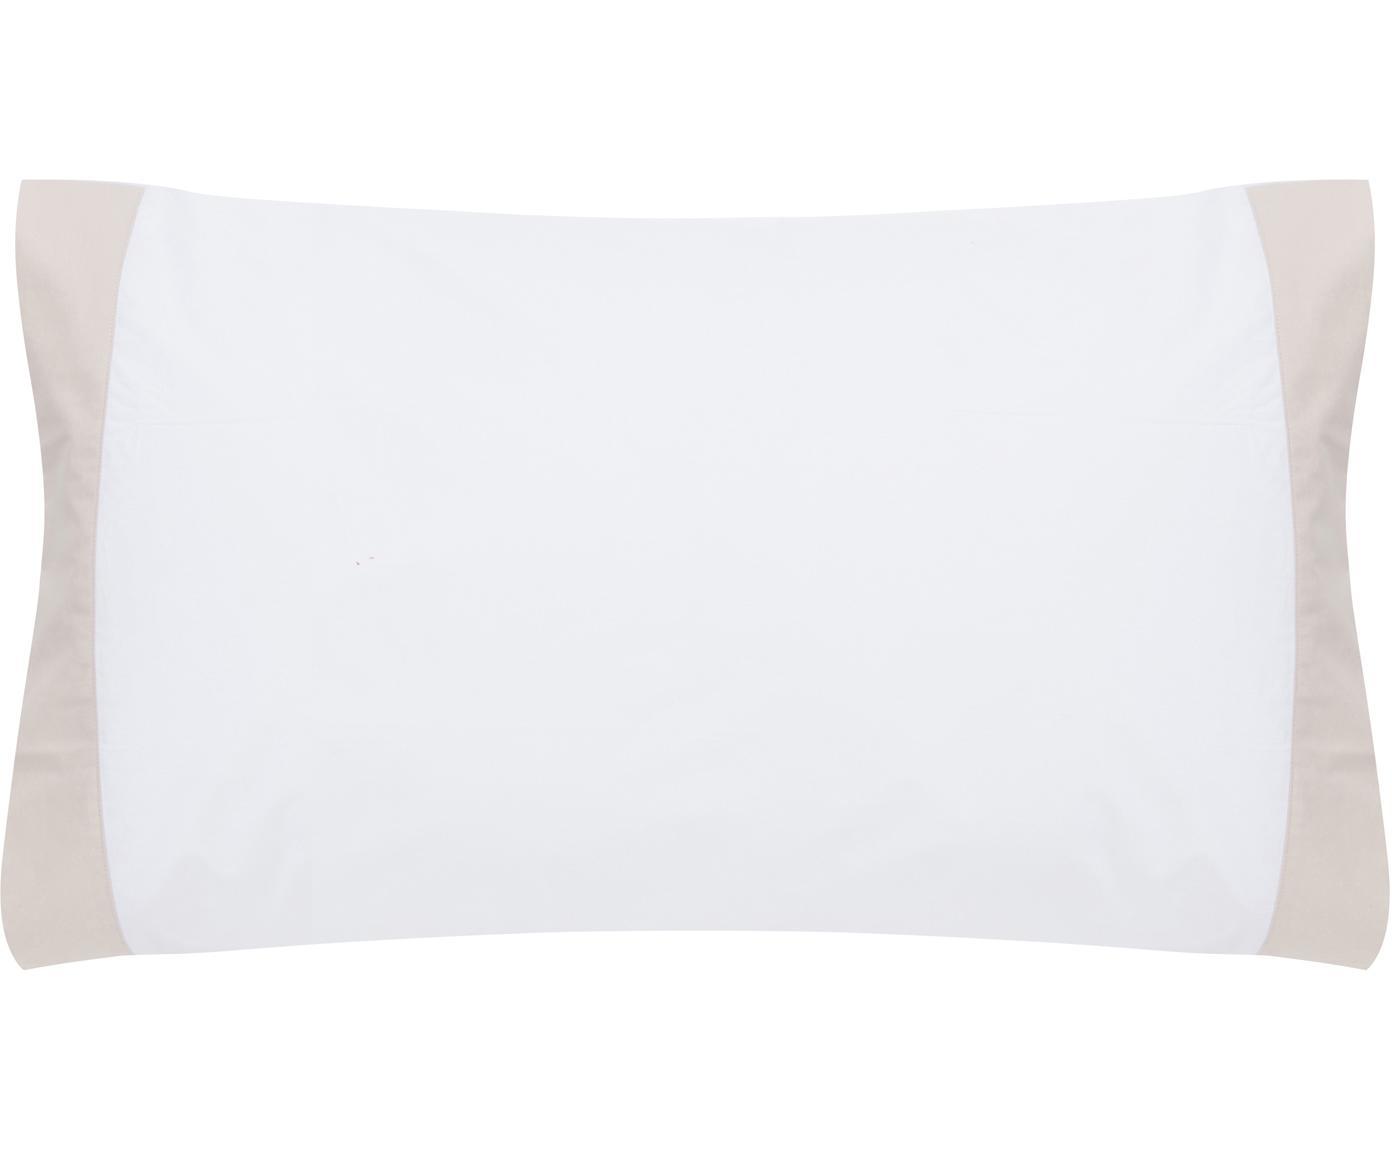 Fundas de almohada Camalisa, 2uds., Algodón, Blanco, crema, An 50 x L 85 cm